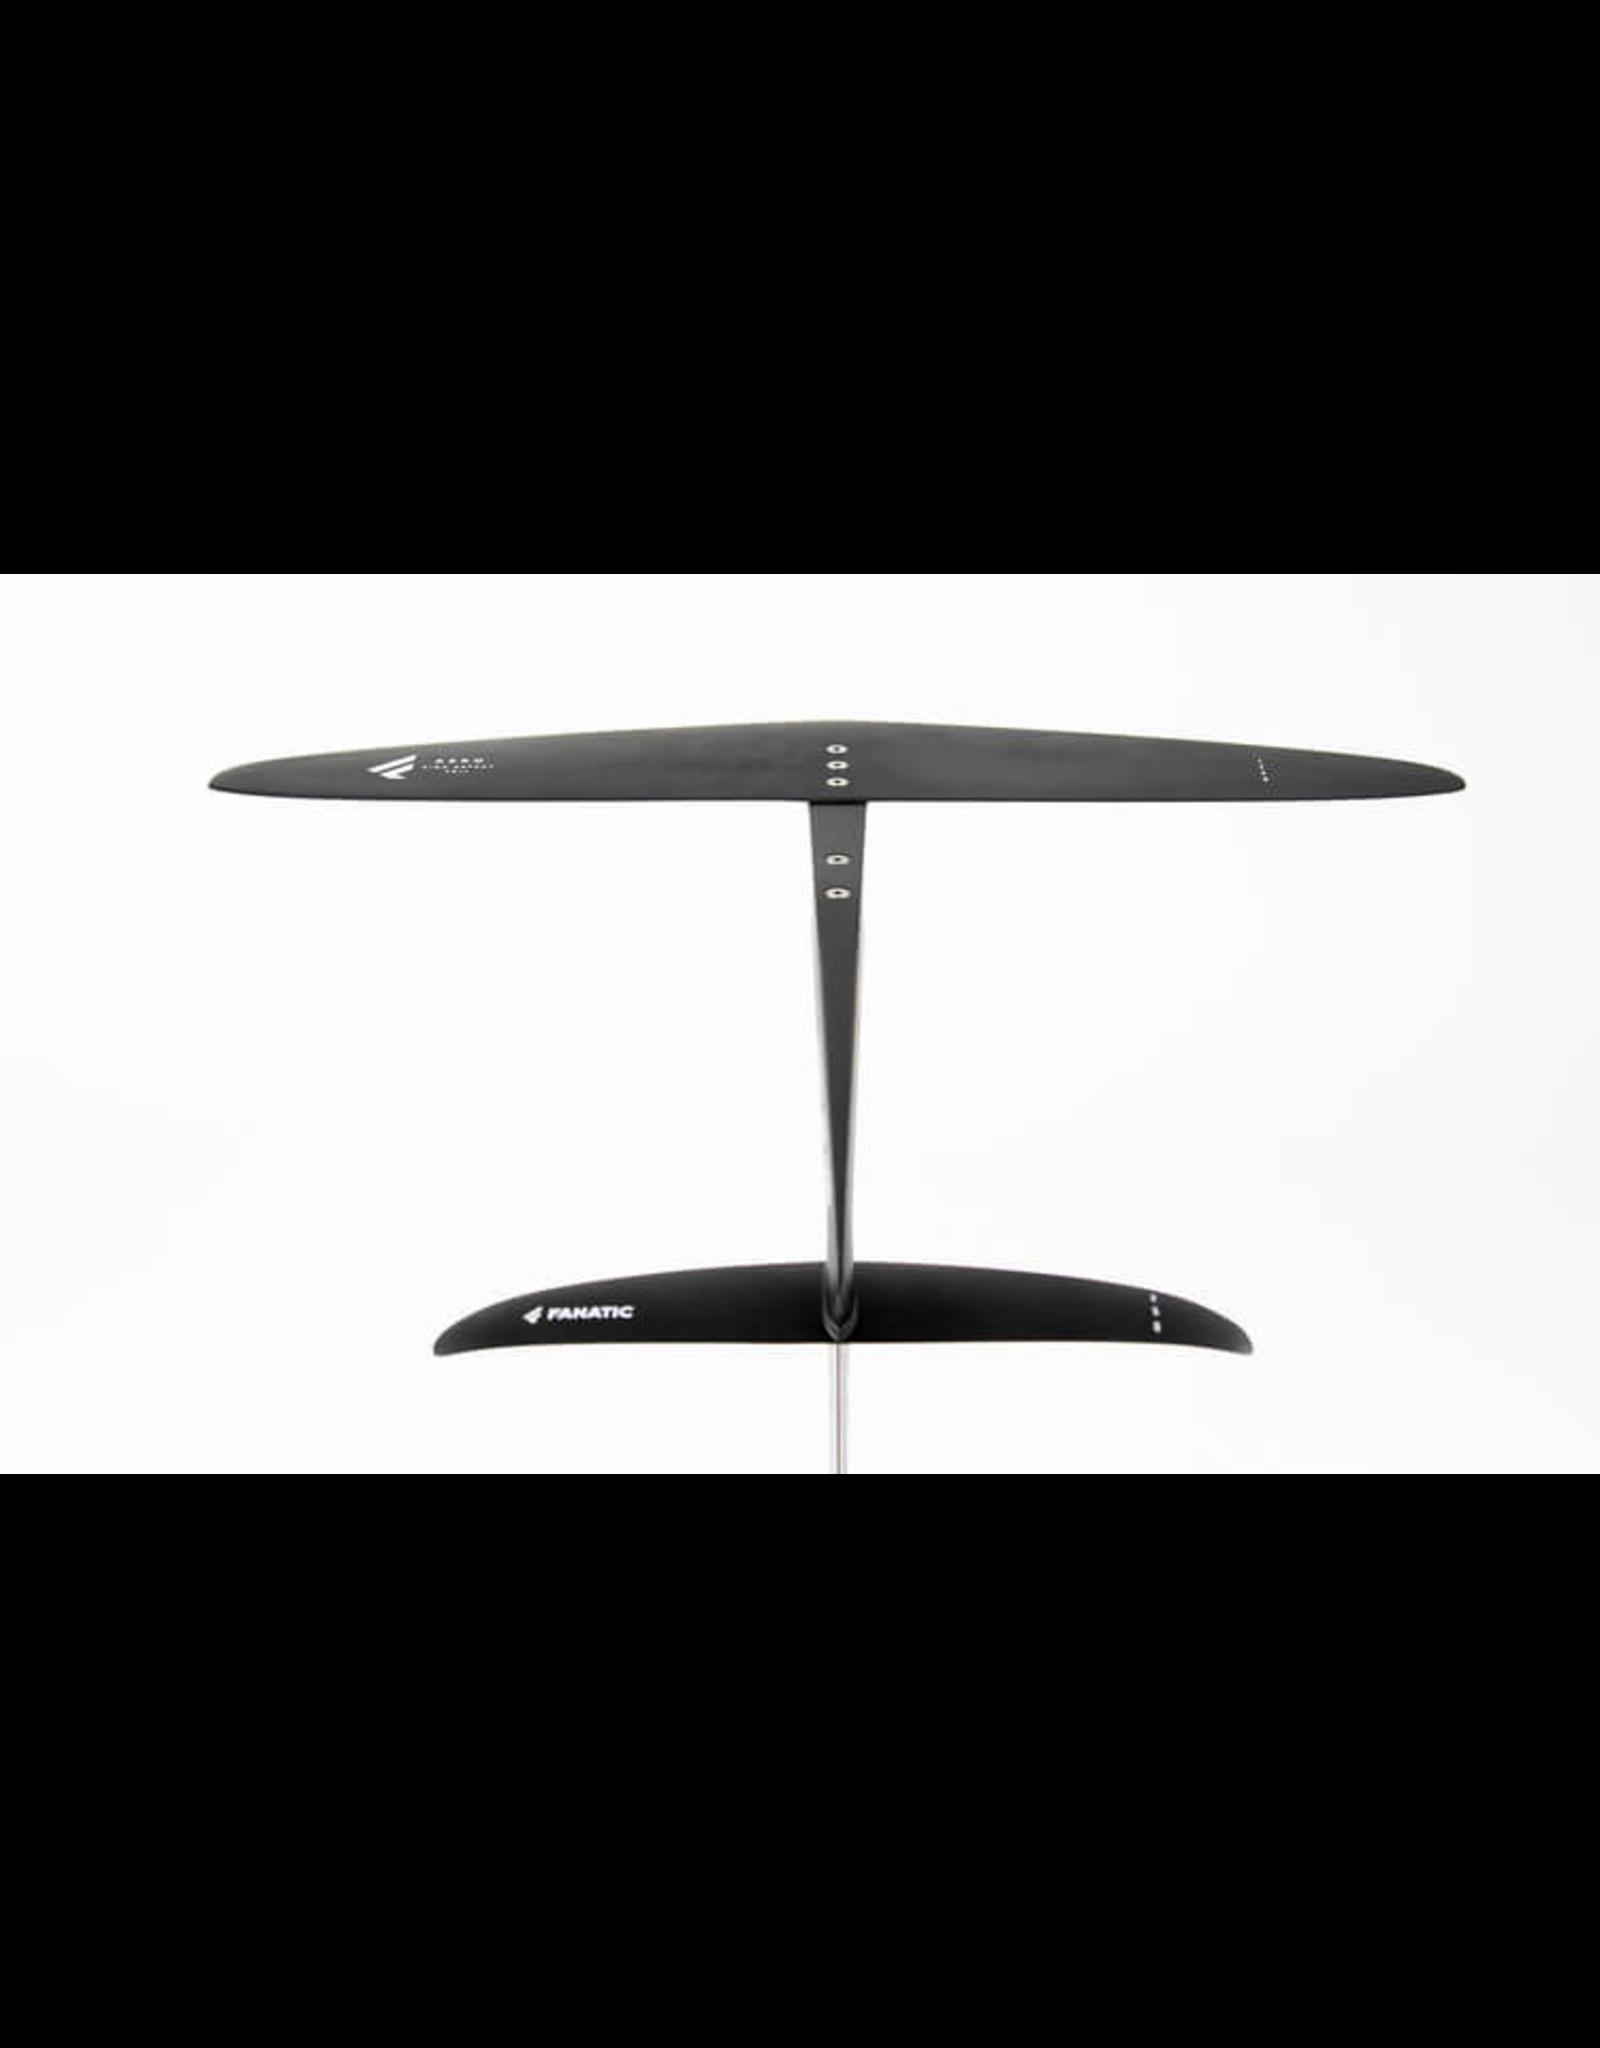 Fanatic Fanatic - Aero Foil HA Wing Set 1750/300 (kun vingene)